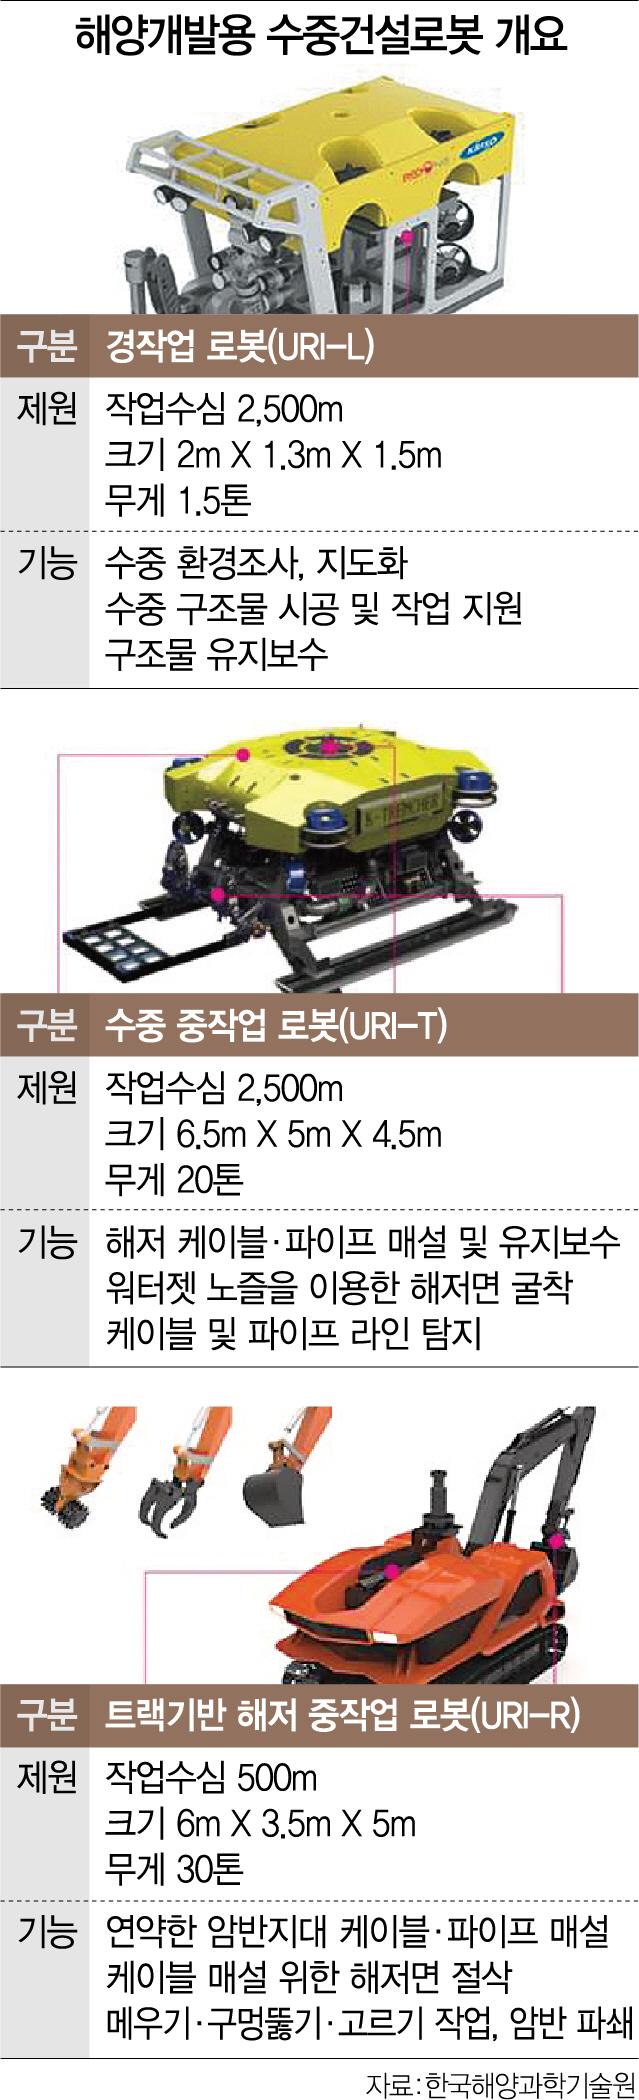 [로봇이 간다]바닷속 암반·진흙 뚫고 케이블 매설 '척척'…'한국형 해저도시' 초석